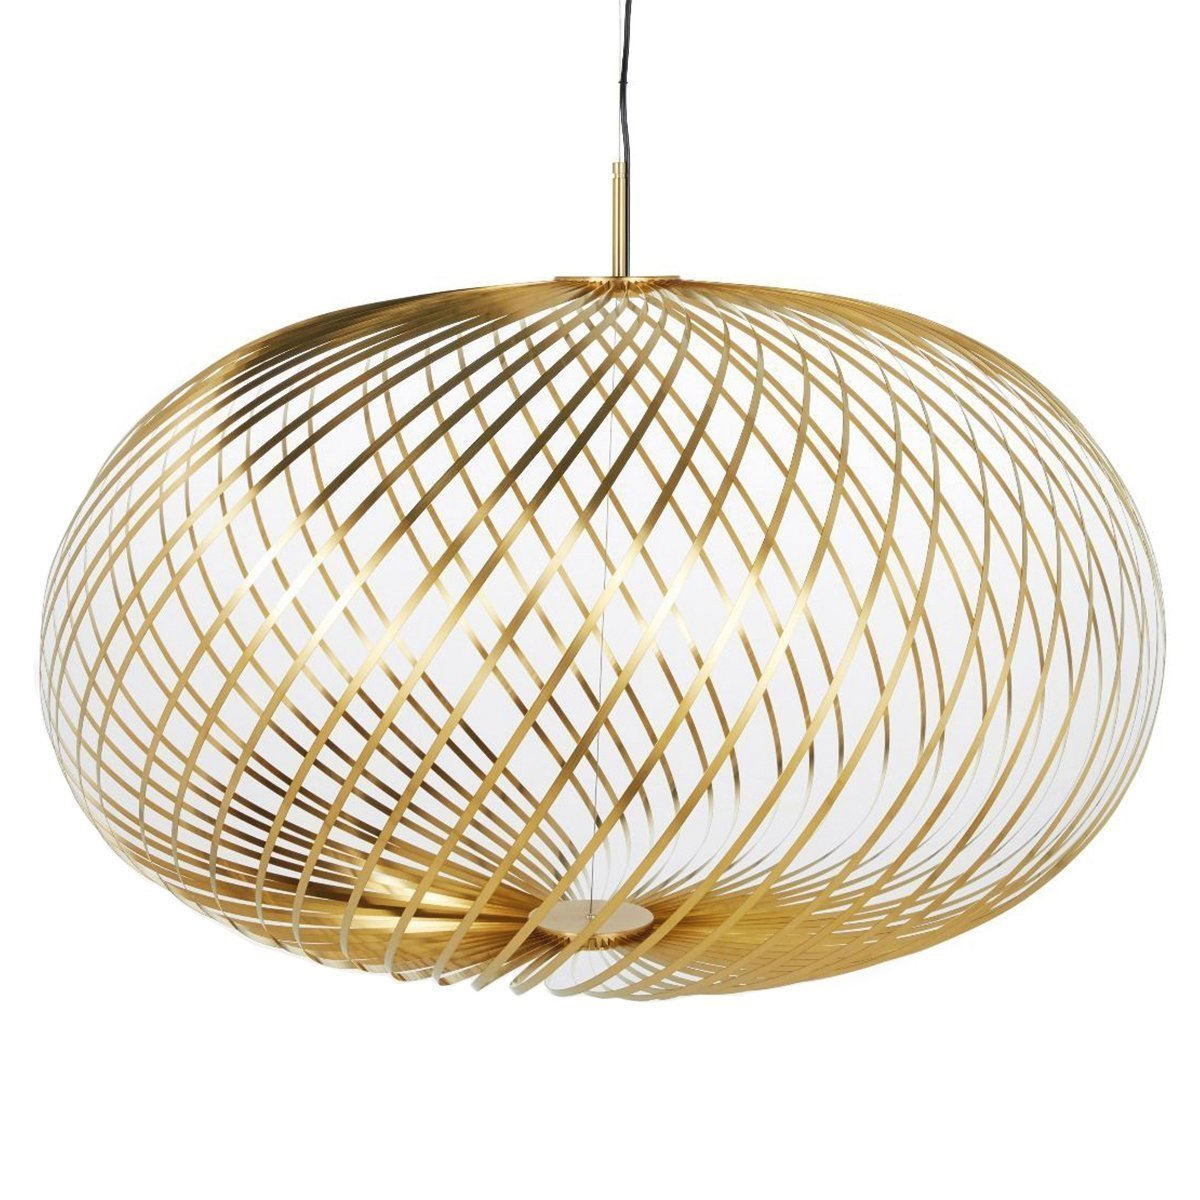 Tom Dixon Spring Hanglamp - Messing - Large